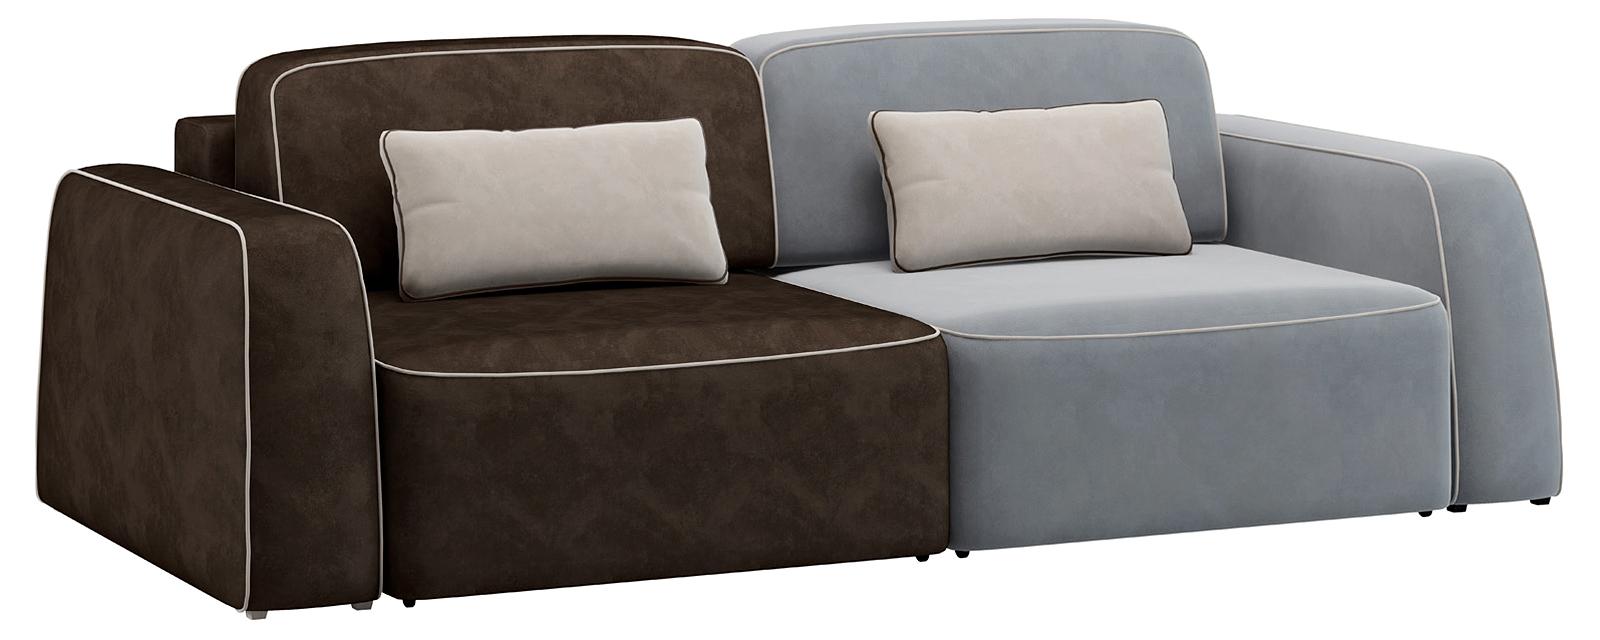 Модульный диван Портленд 200 см Вариант №2 Velutto серый/тёмно-коричневый (Велюр)